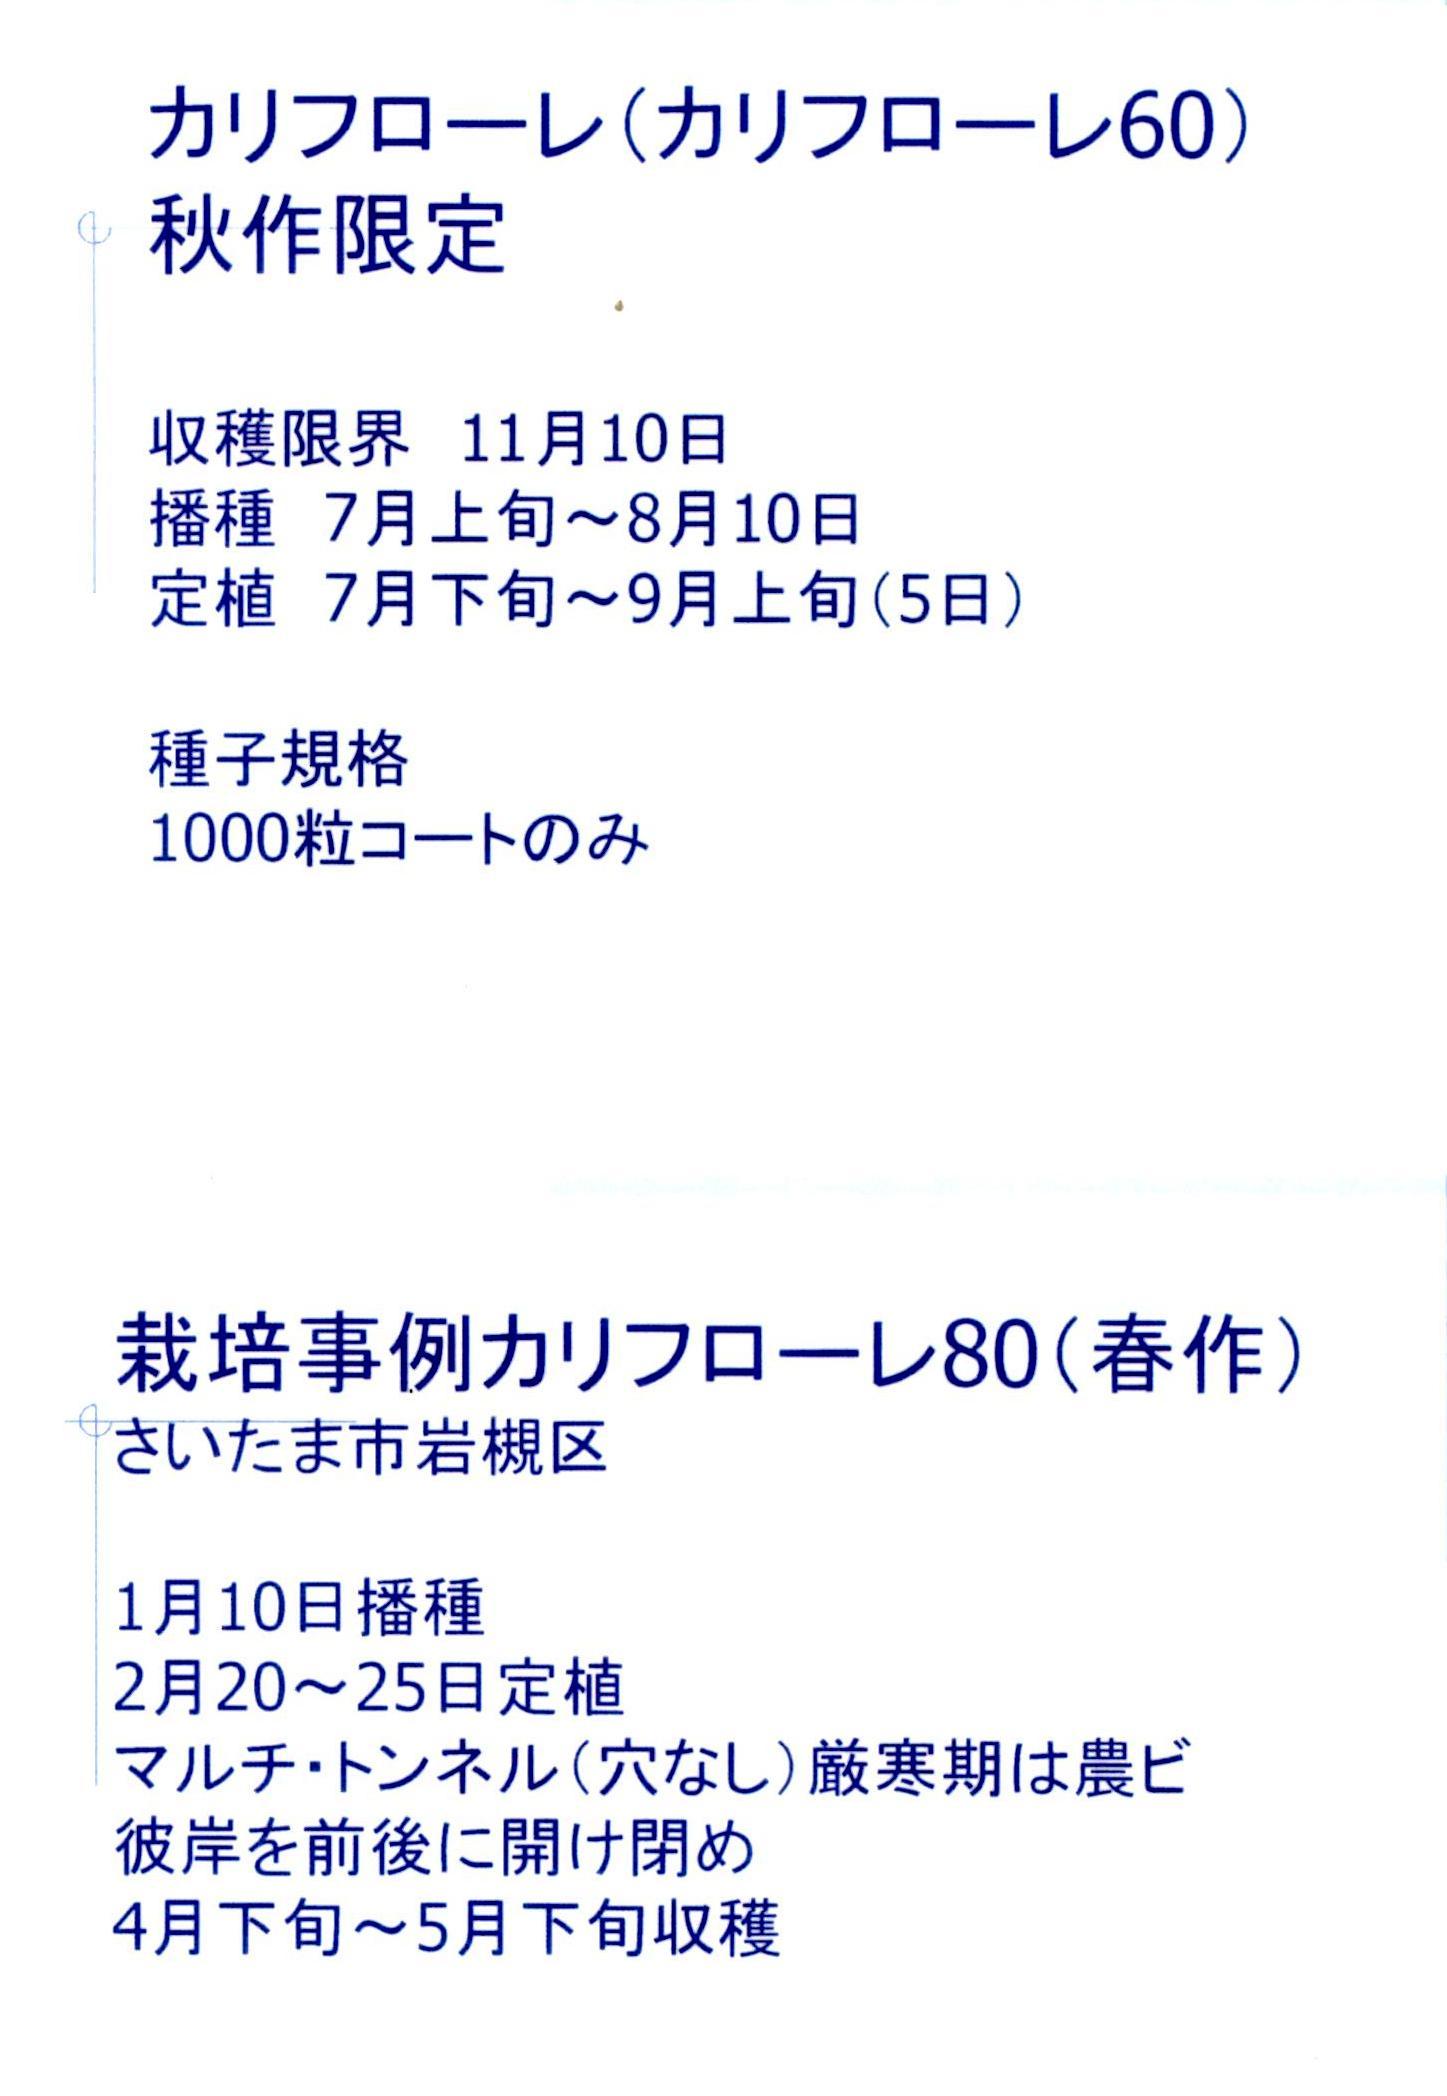 karifu-deta4.jpg